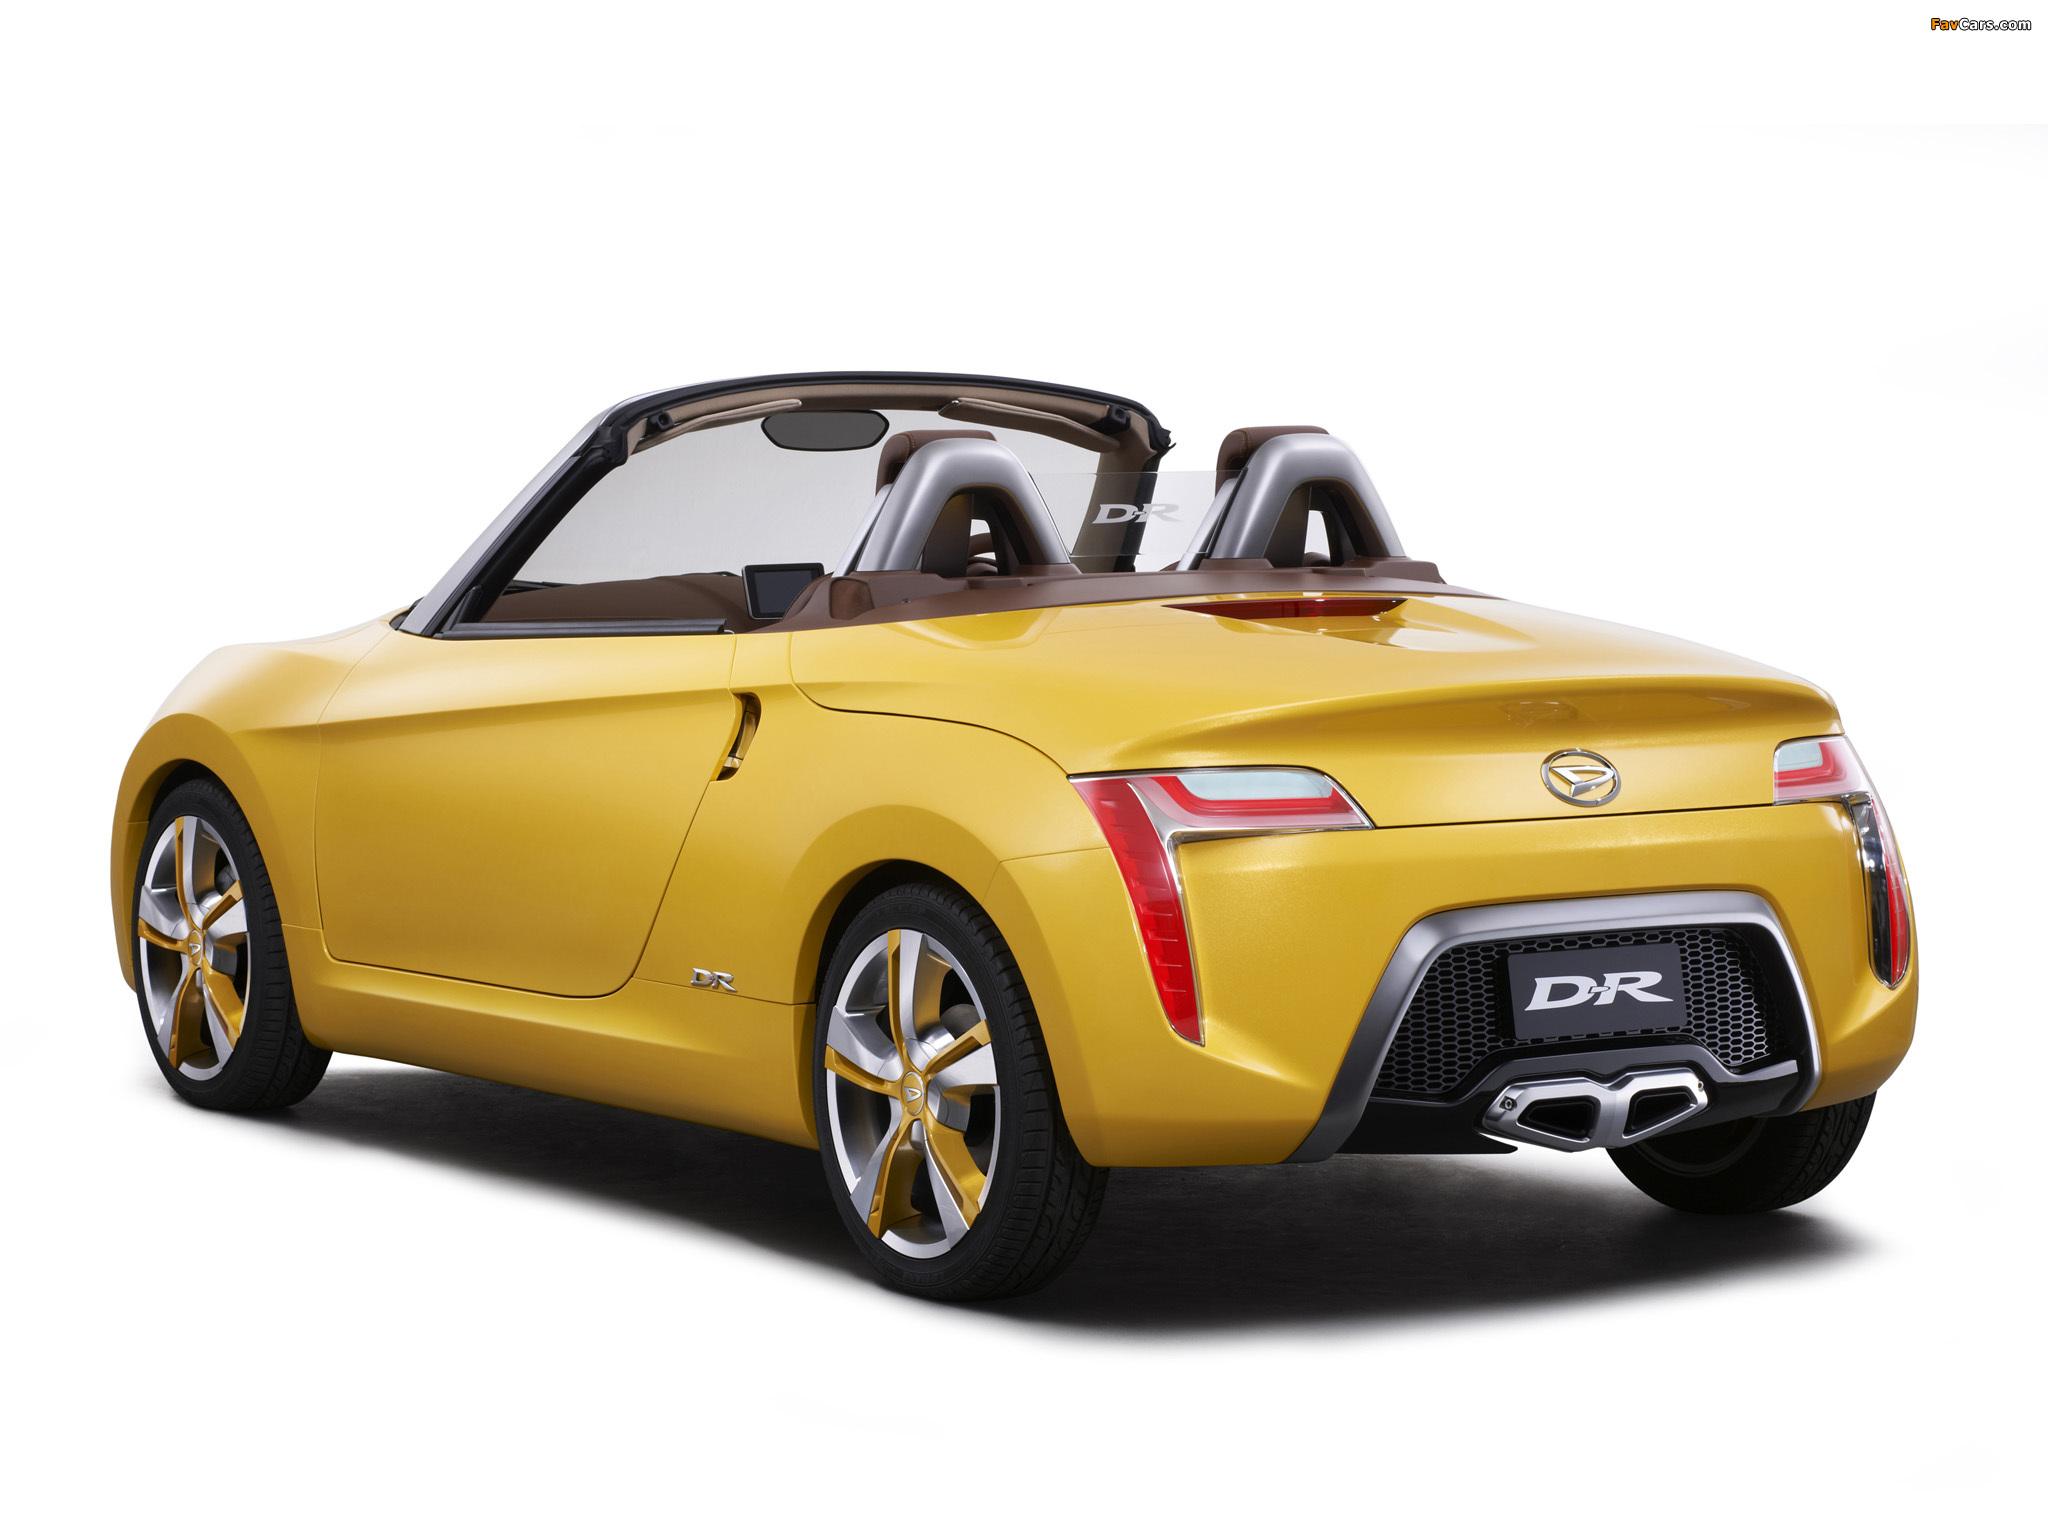 Daihatsu D-R Concept 2012 photos (2048 x 1536)